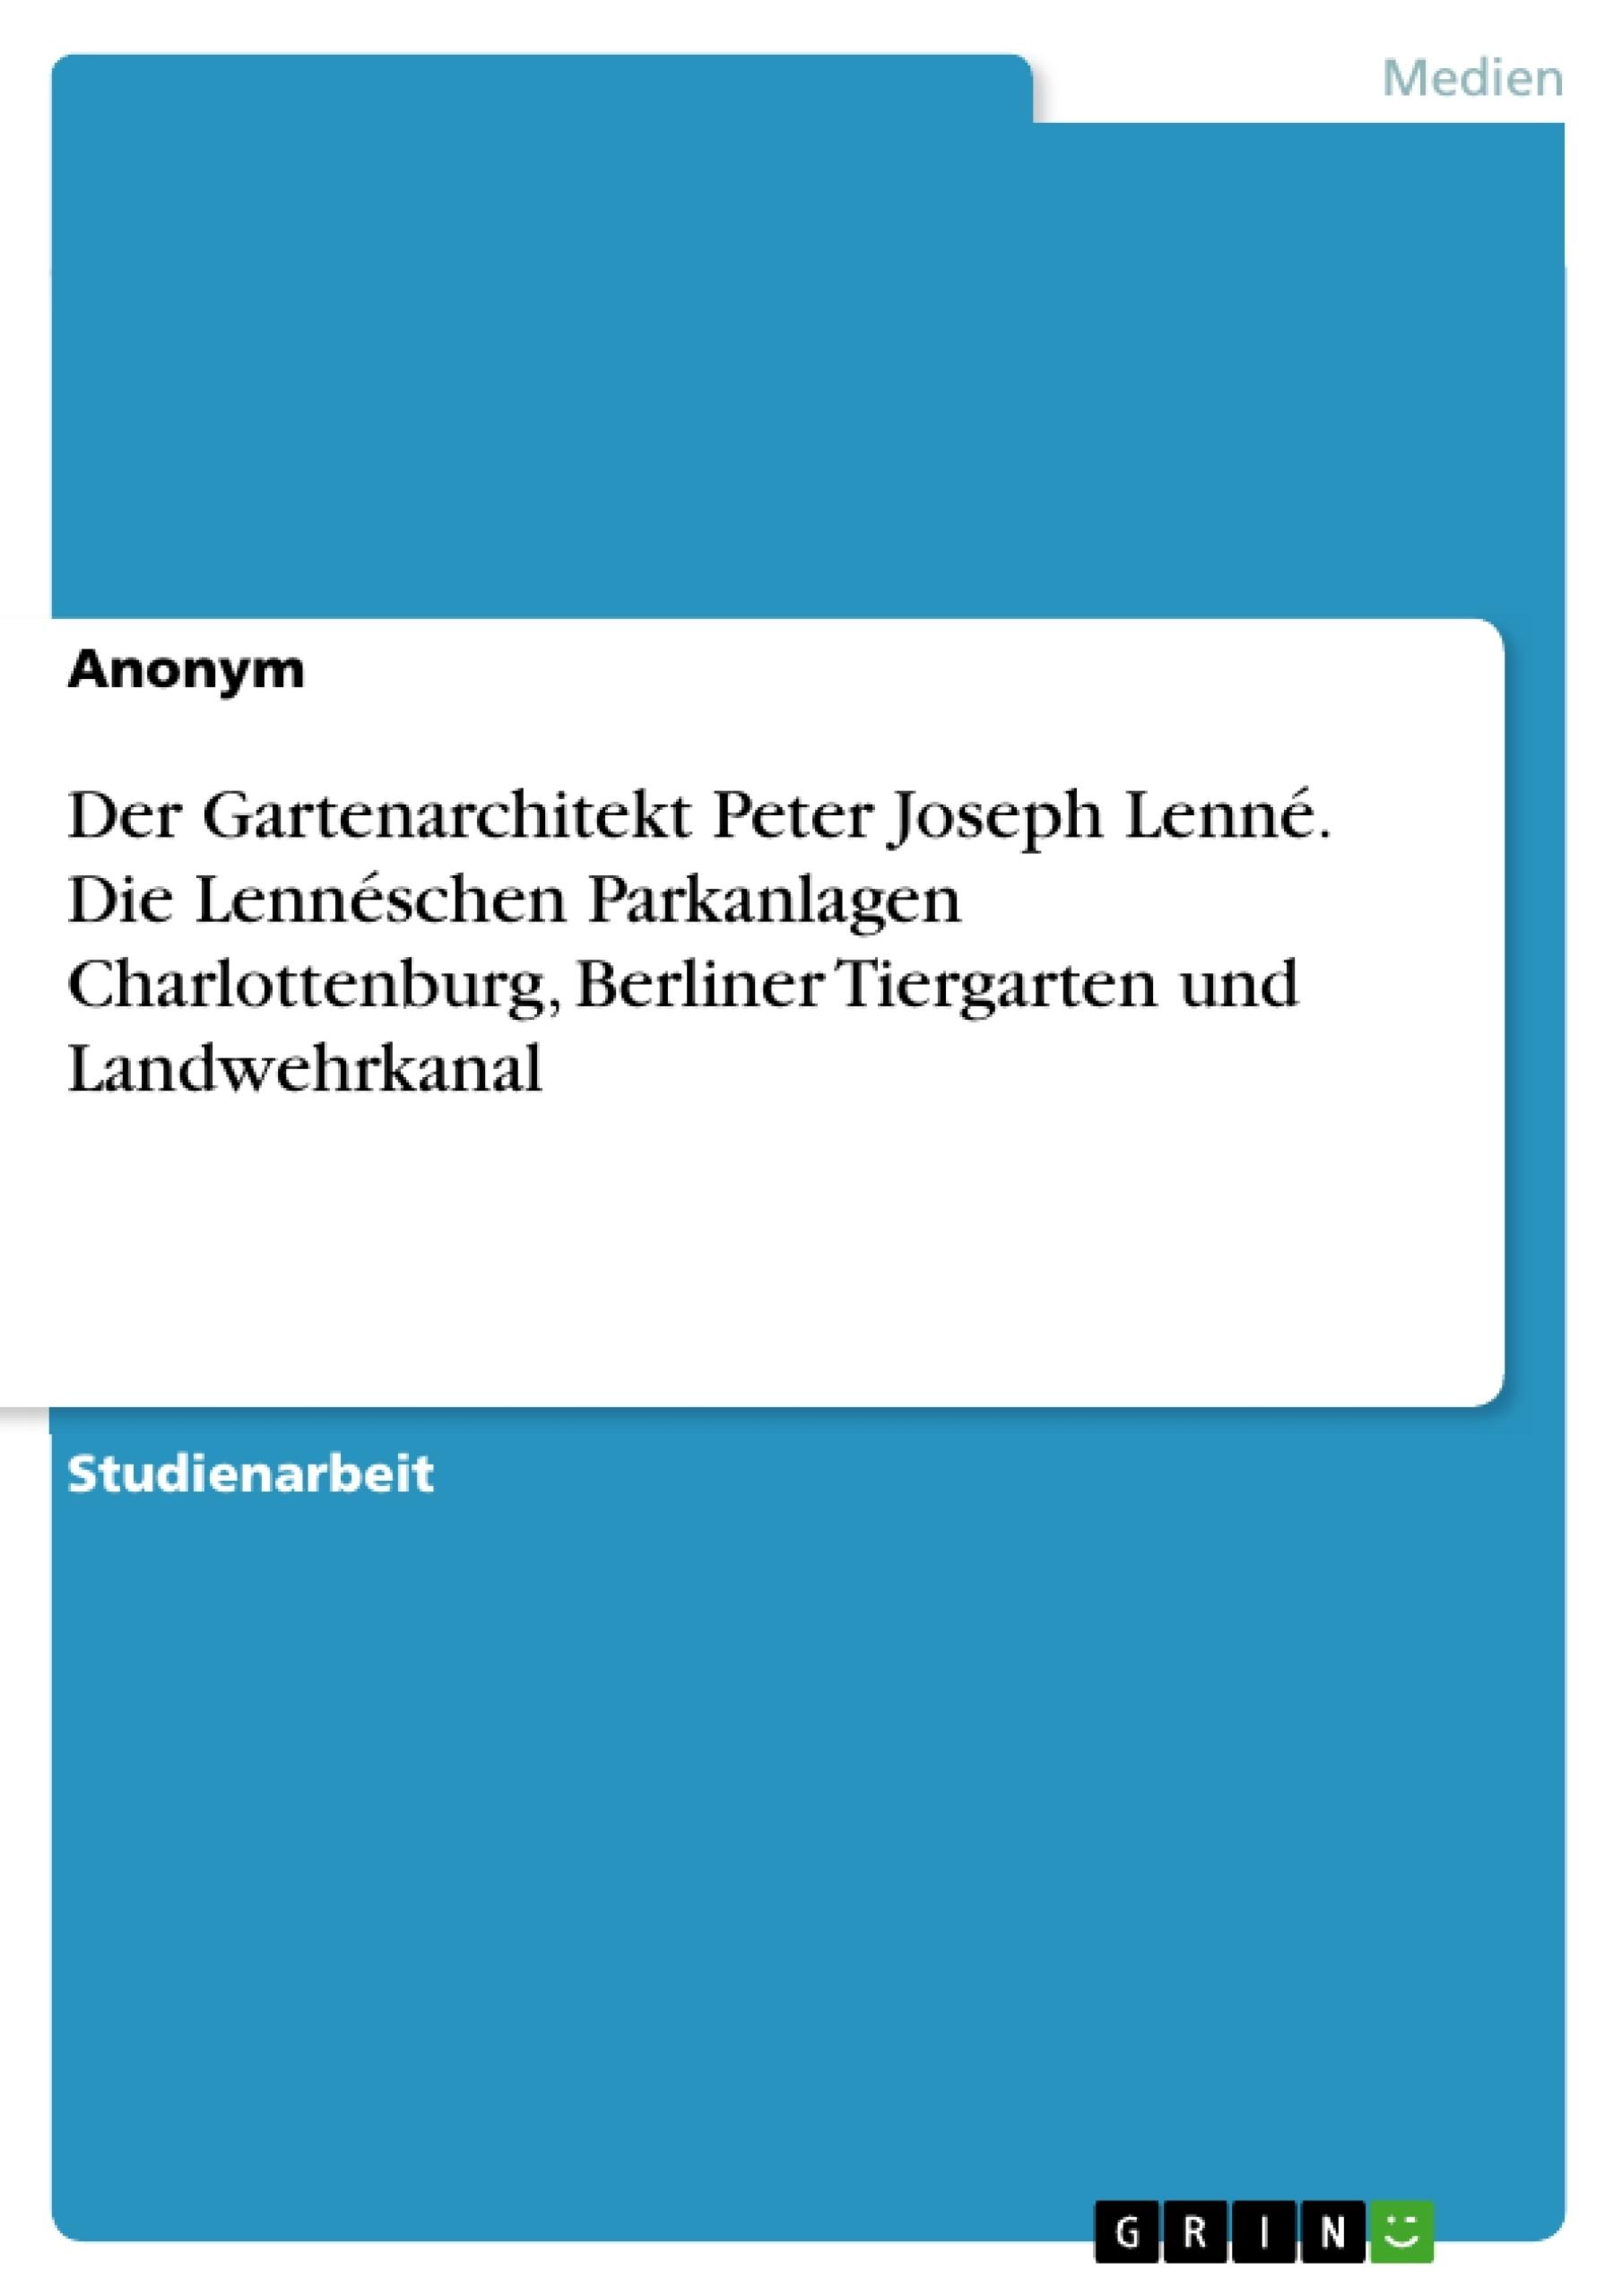 Titel: Der Gartenarchitekt Peter Joseph Lenné. Die Lennéschen Parkanlagen Charlottenburg, Berliner Tiergarten und Landwehrkanal